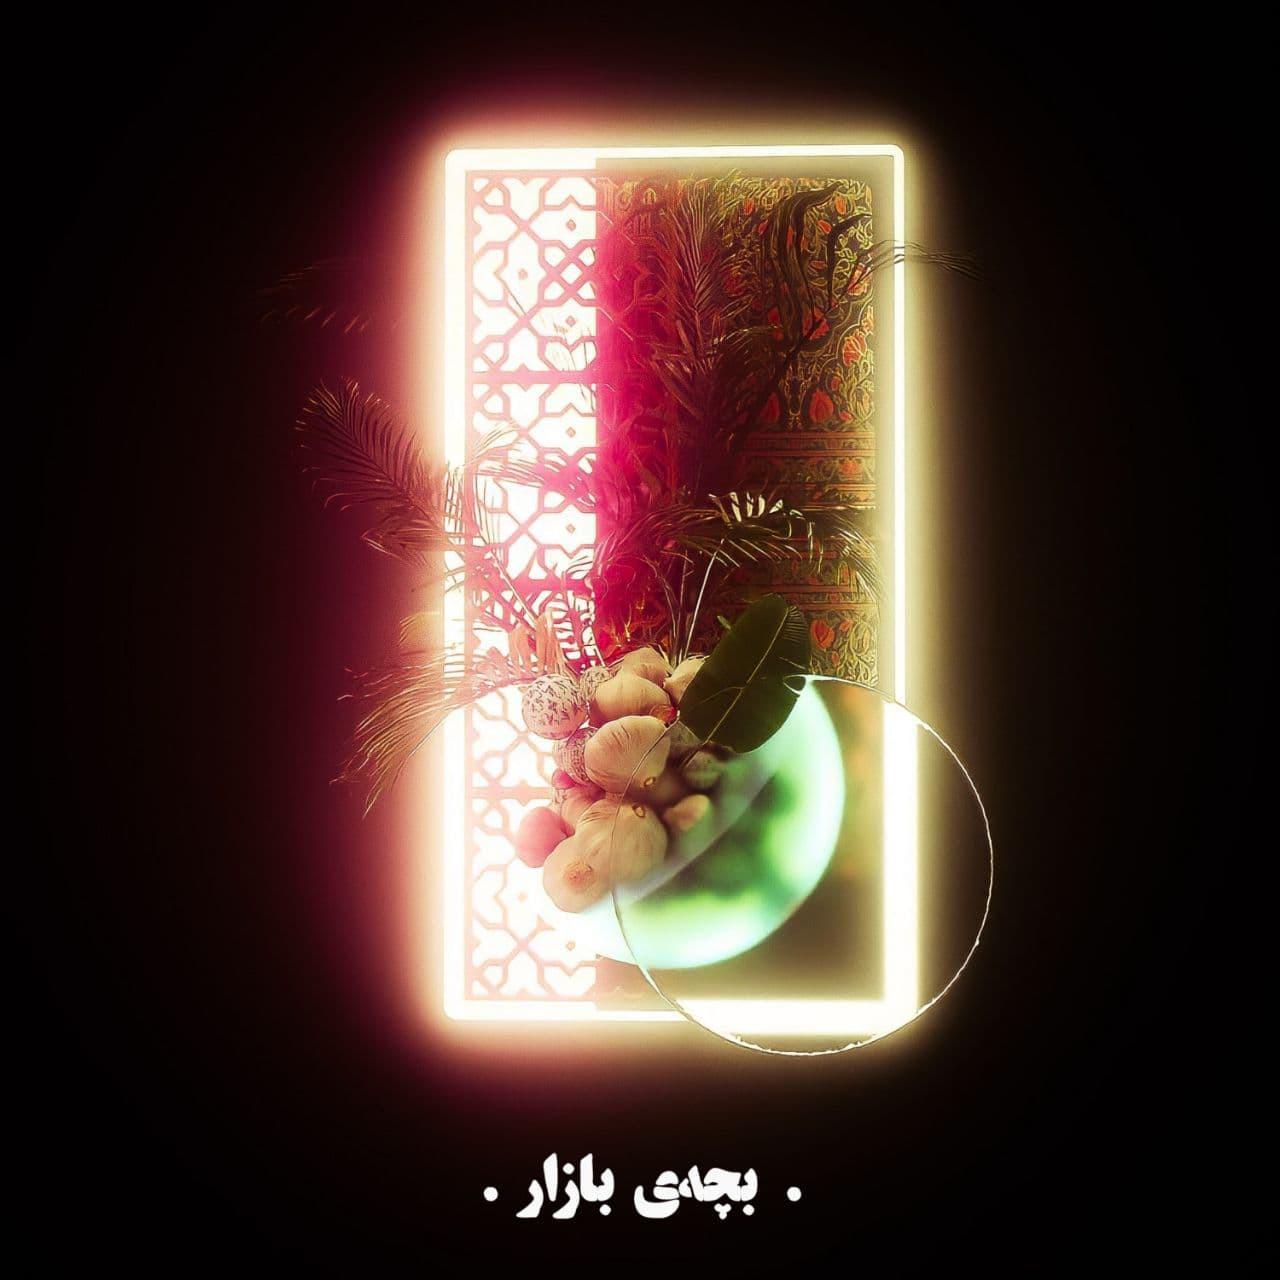 Alirezat - Bacheye Bazar Album